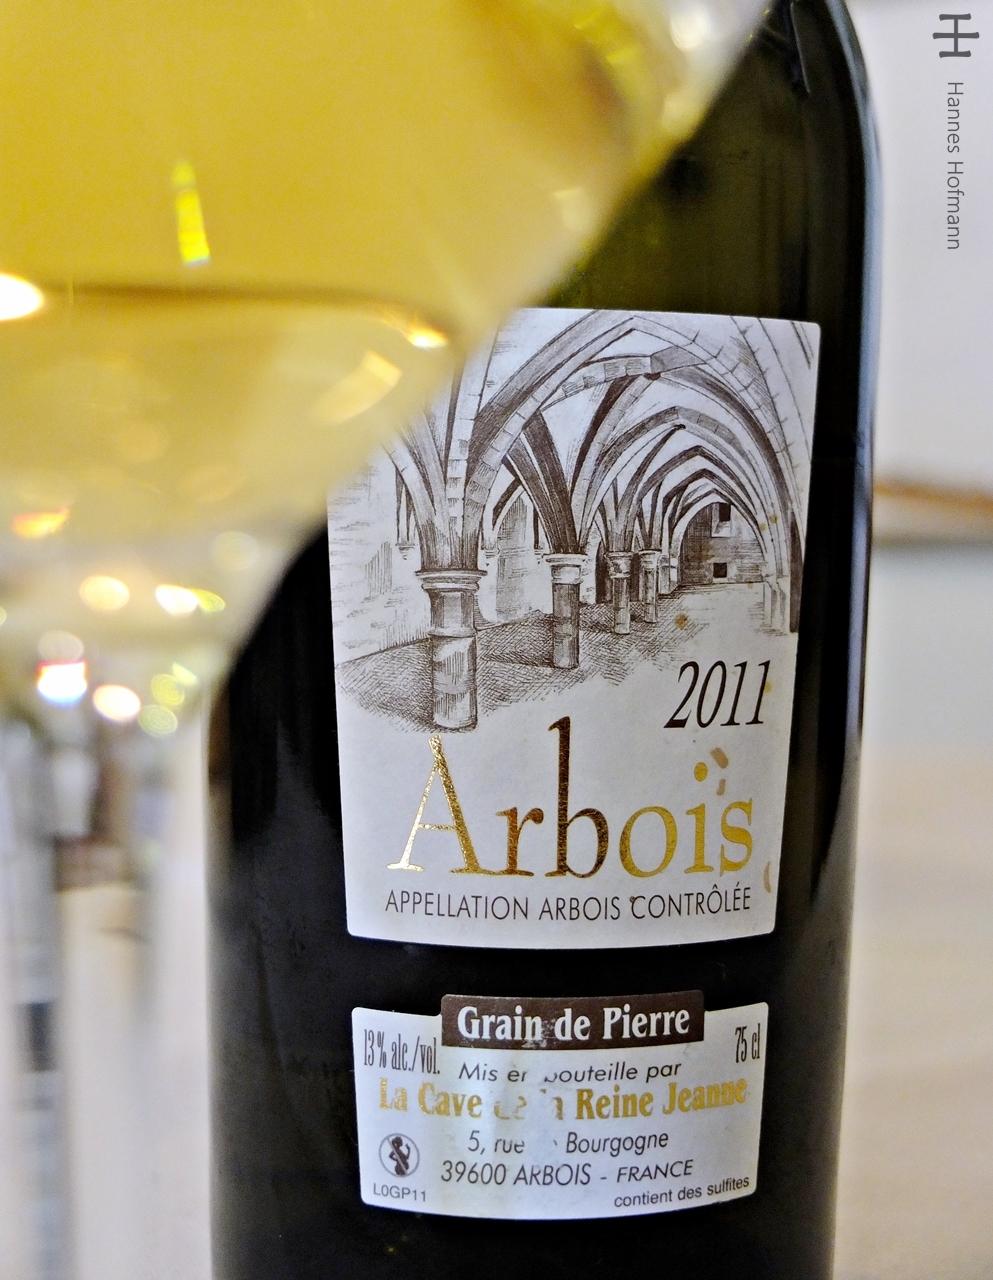 Les Caves de la Reine Jeanne - Grain de Pierre 2011 - Arbois